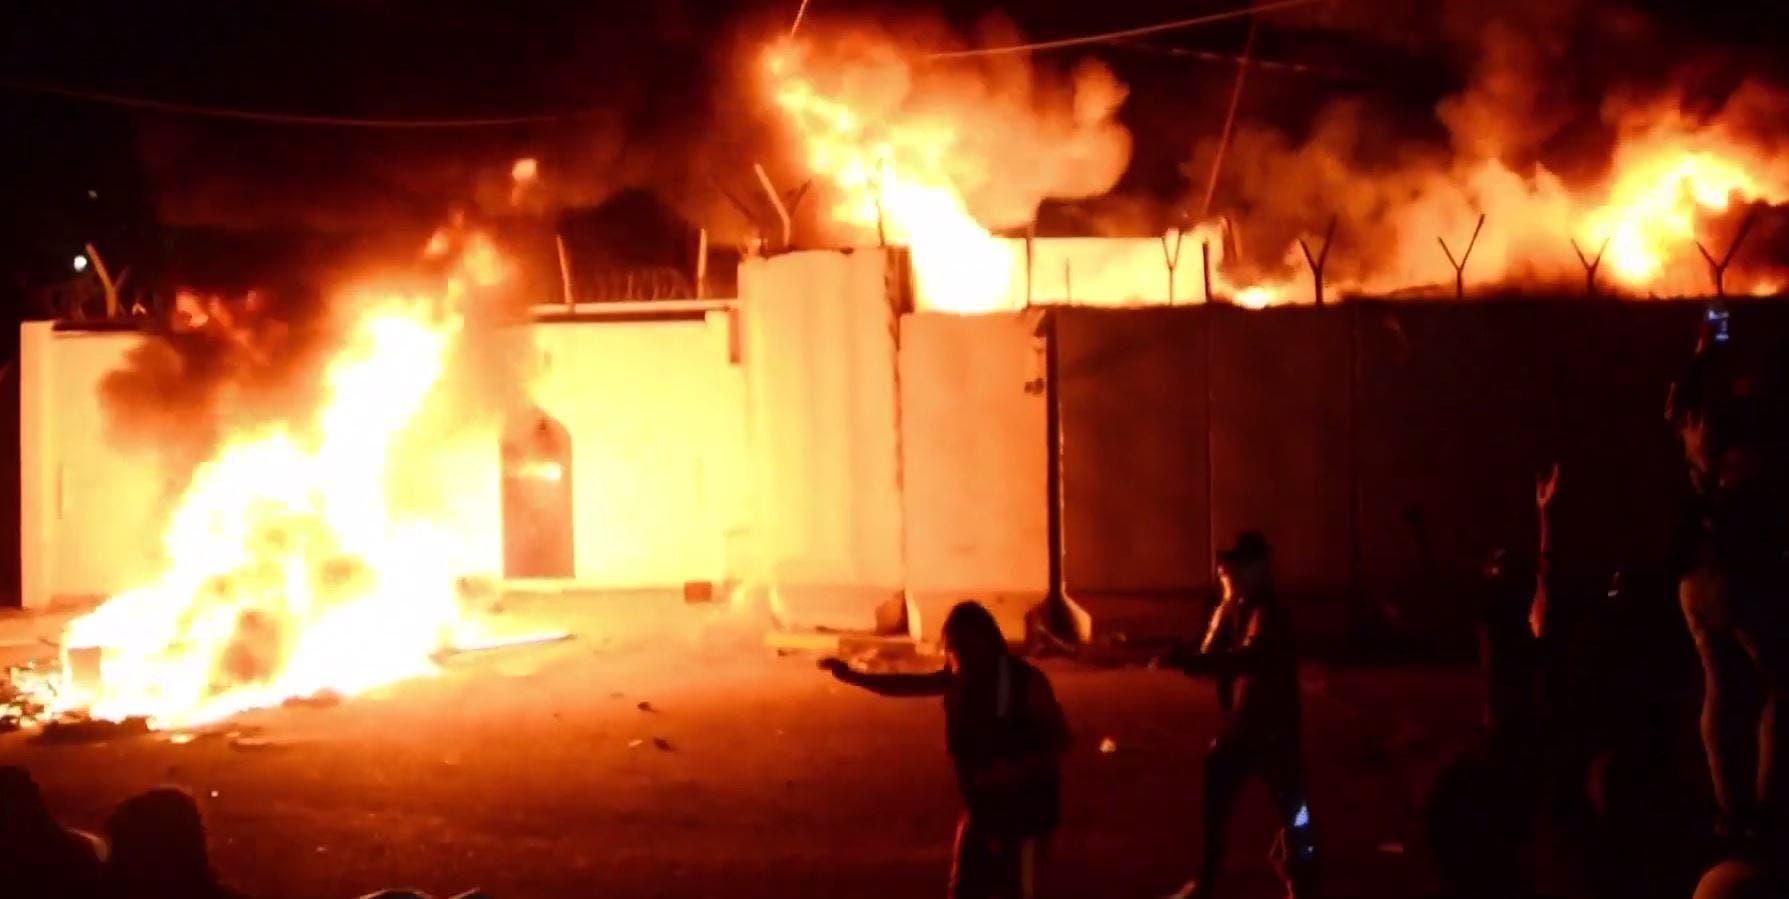 آتشزدن کنسولگری ایران در نجف